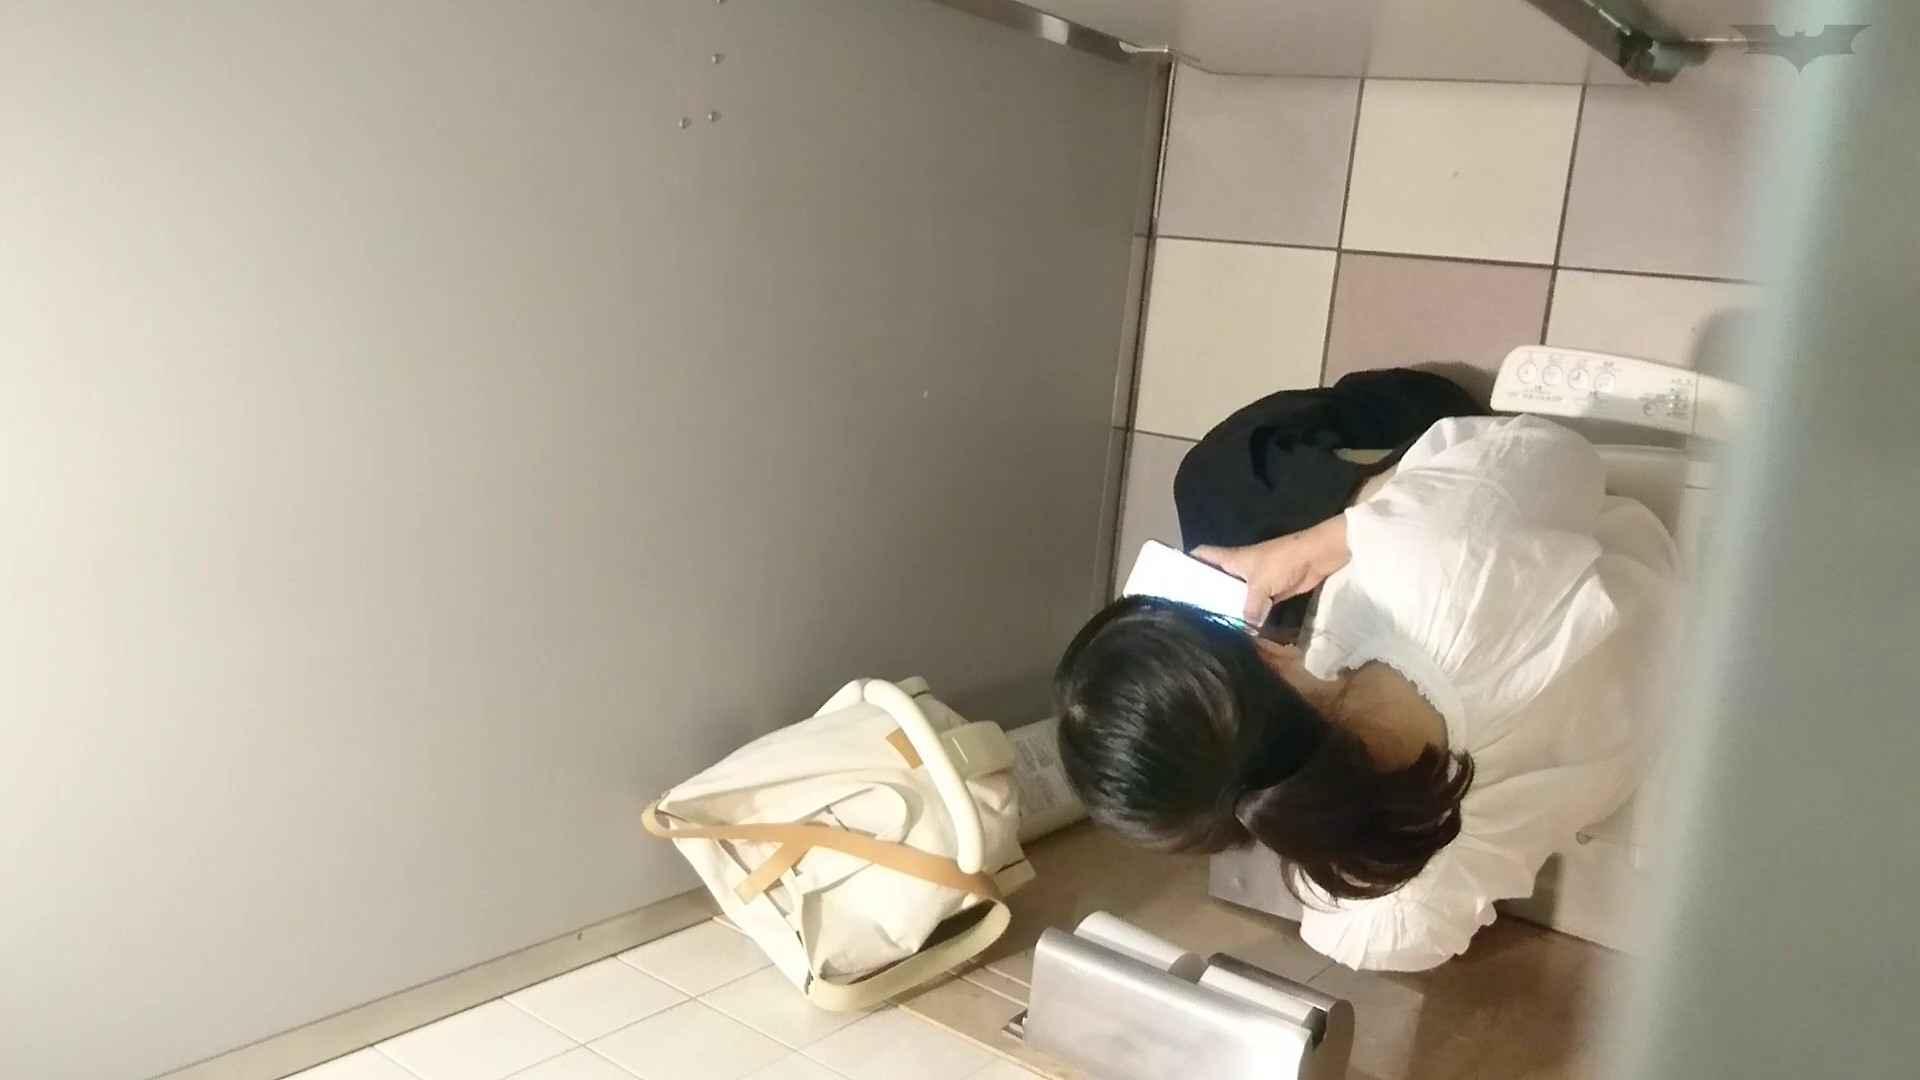 化粧室絵巻 ショッピングモール編 VOL.22 高画質動画 すけべAV動画紹介 24画像 6